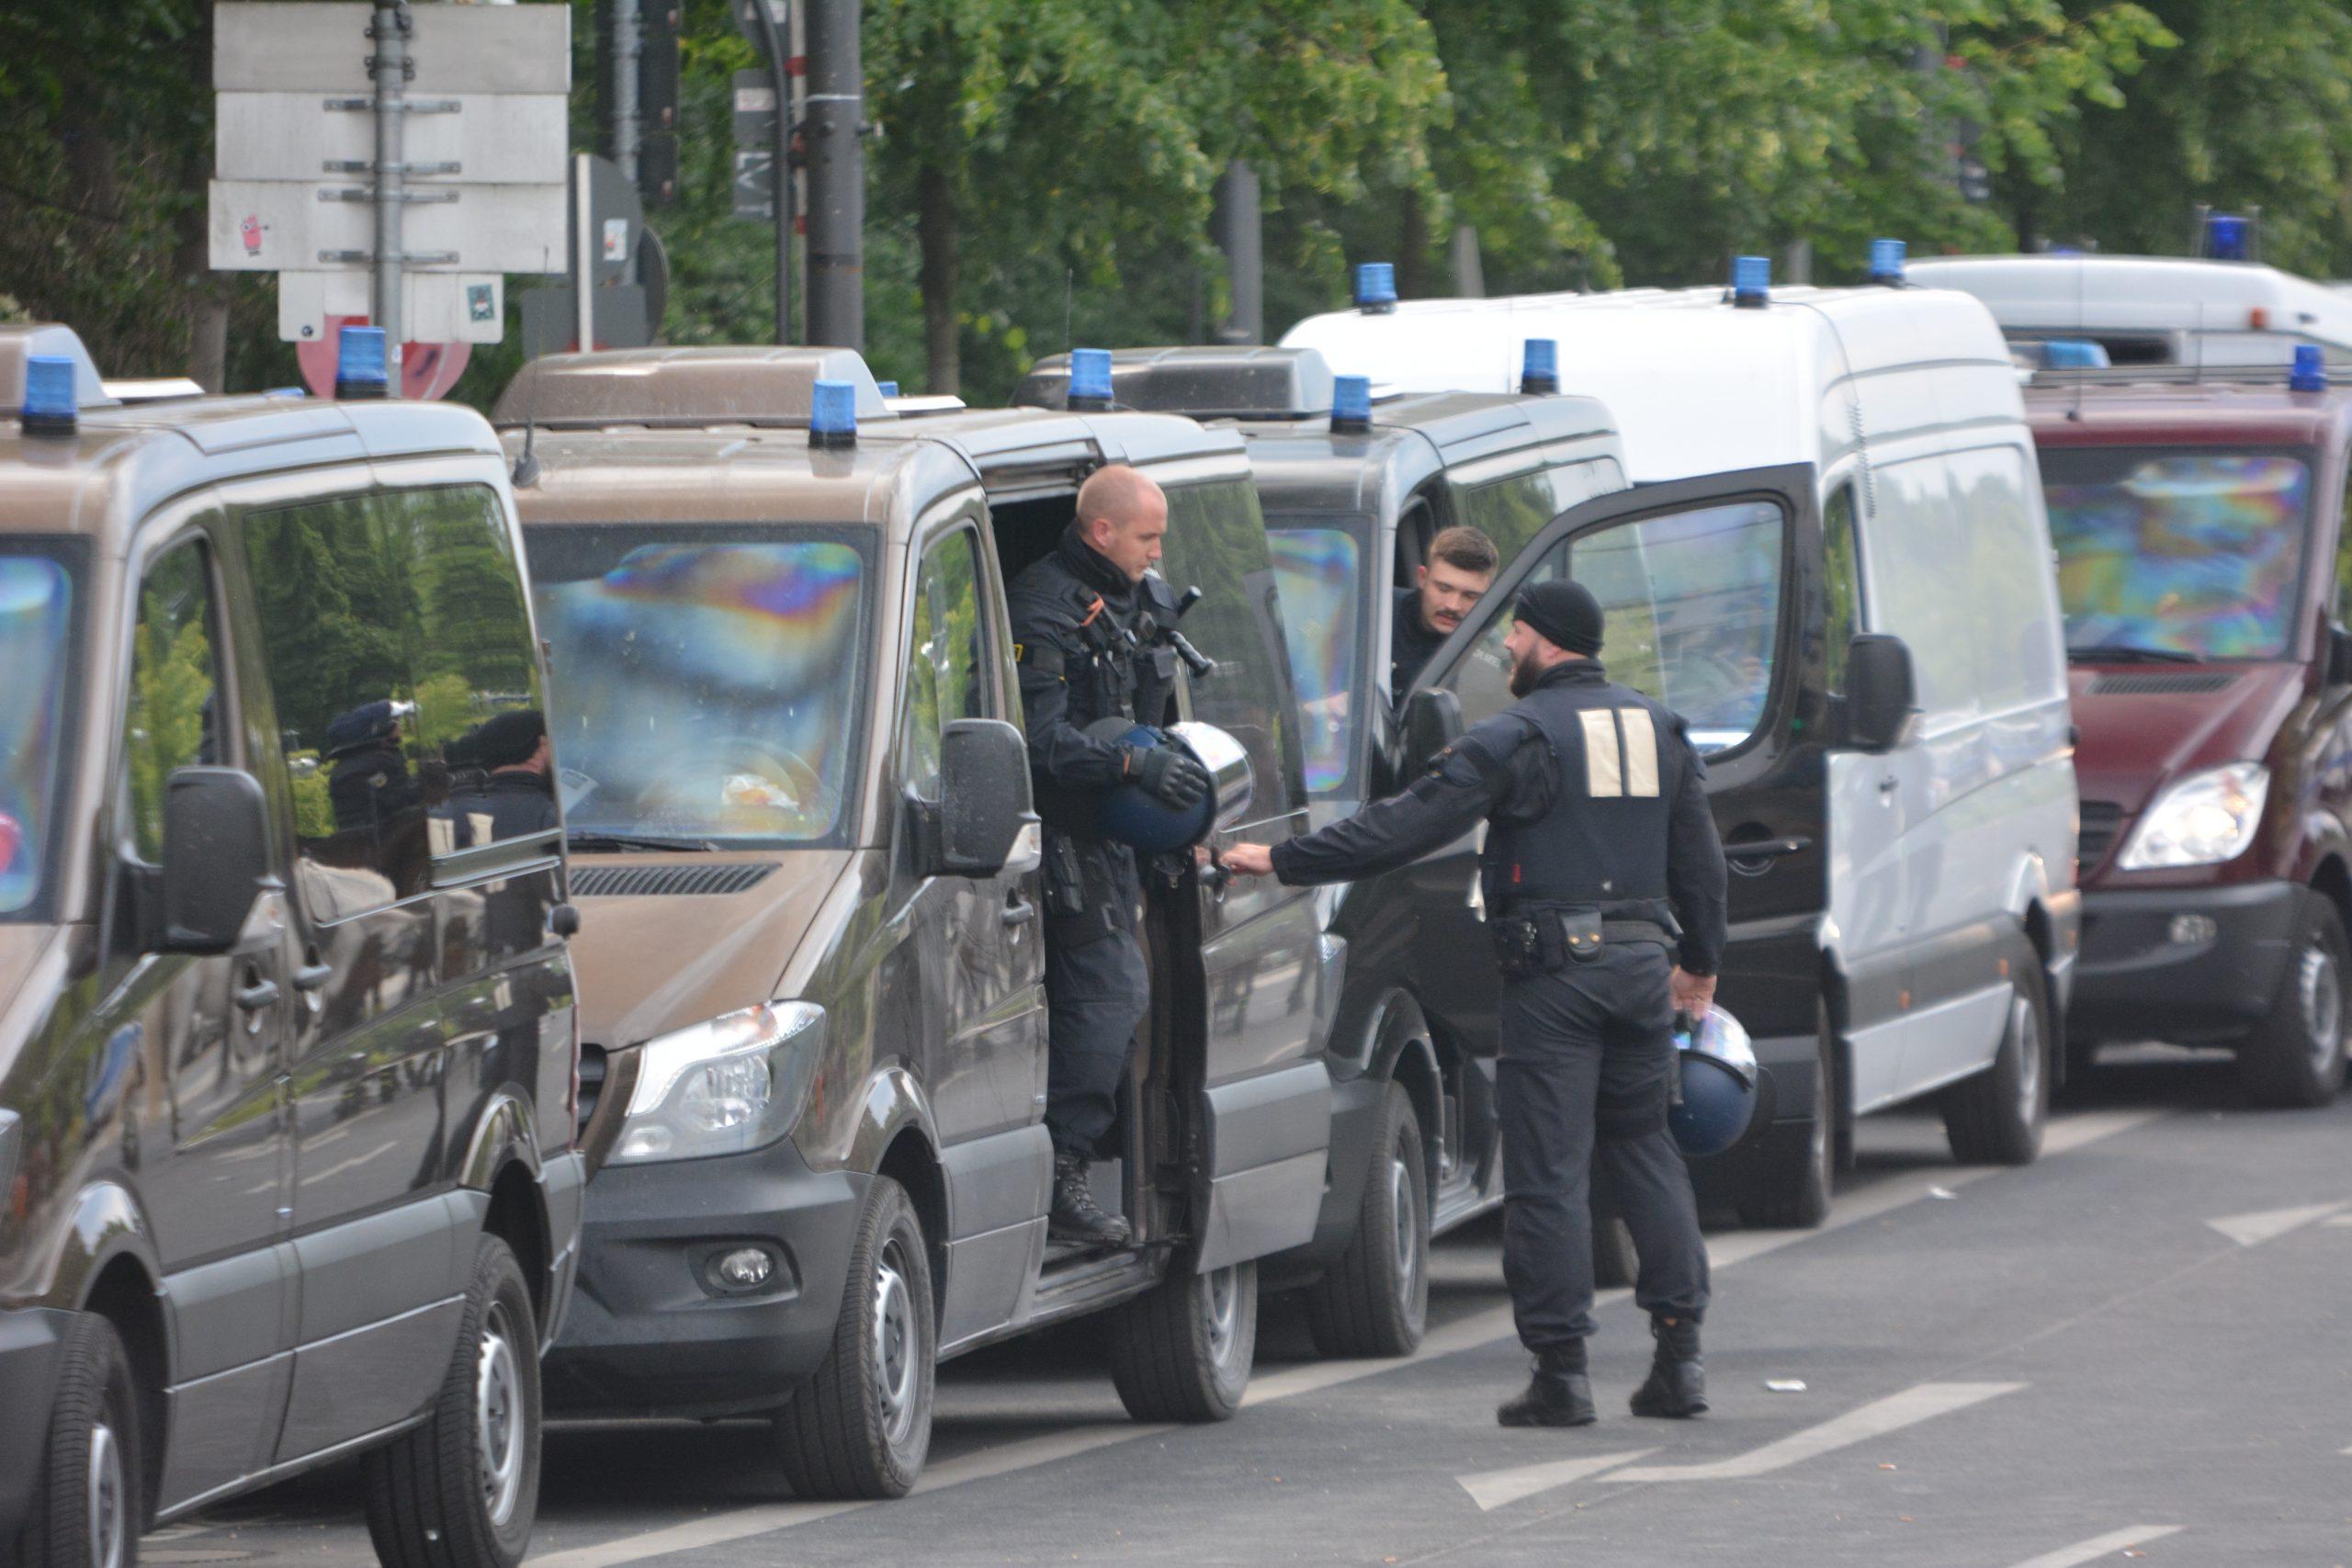 2 Cops steigen aus einem schwarzen Mercedes-Transporter aus